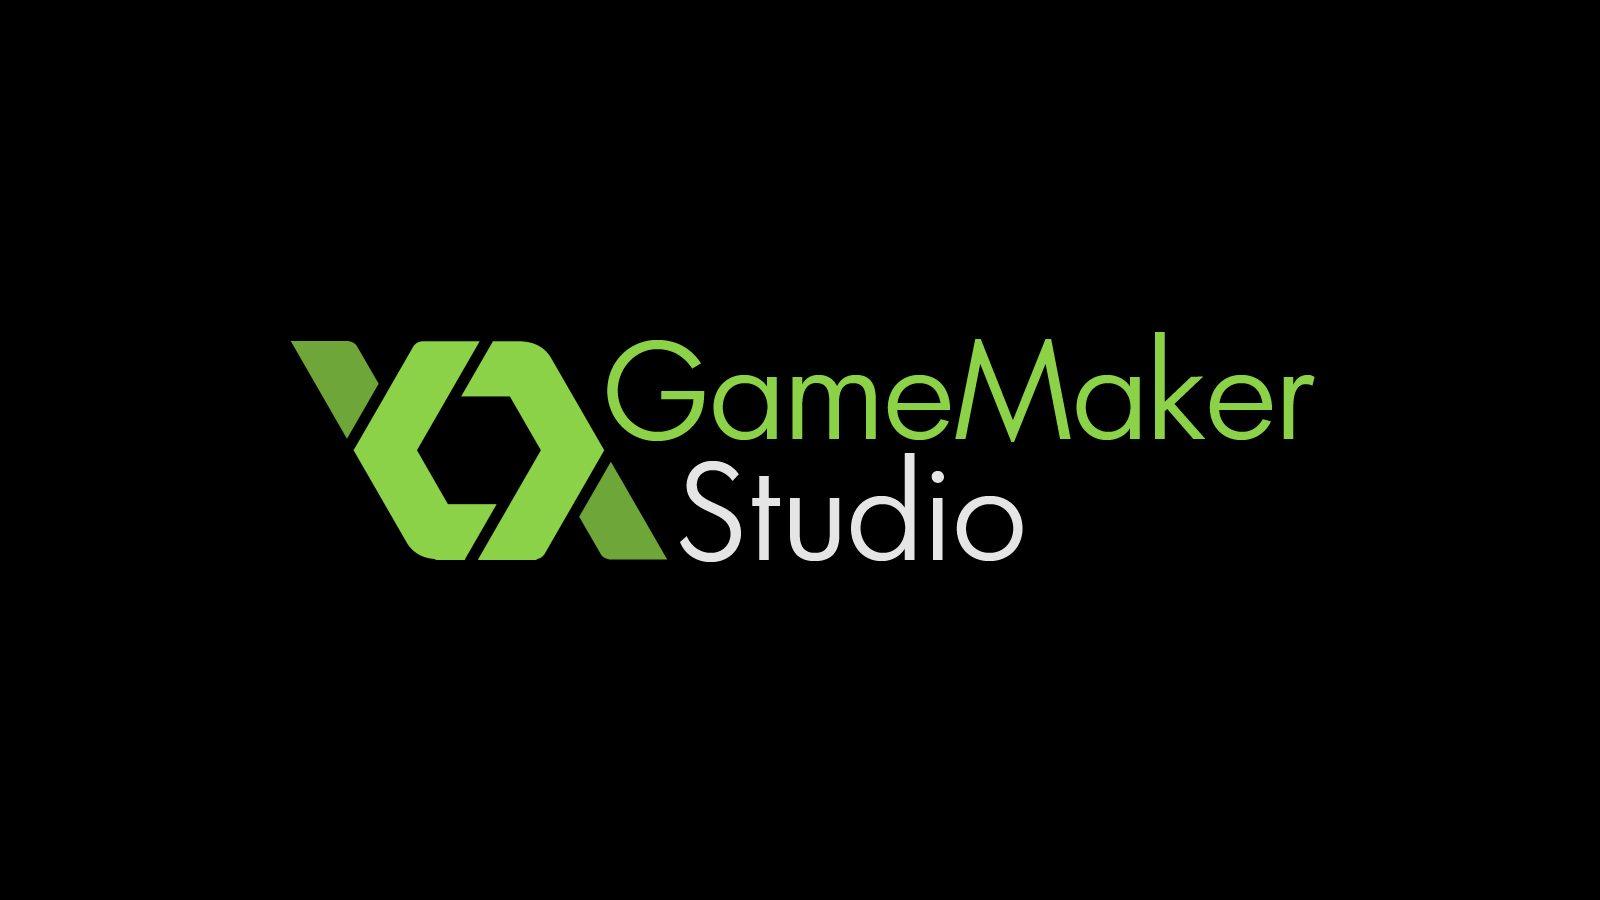 gamemaker-studio-logo1-2263822